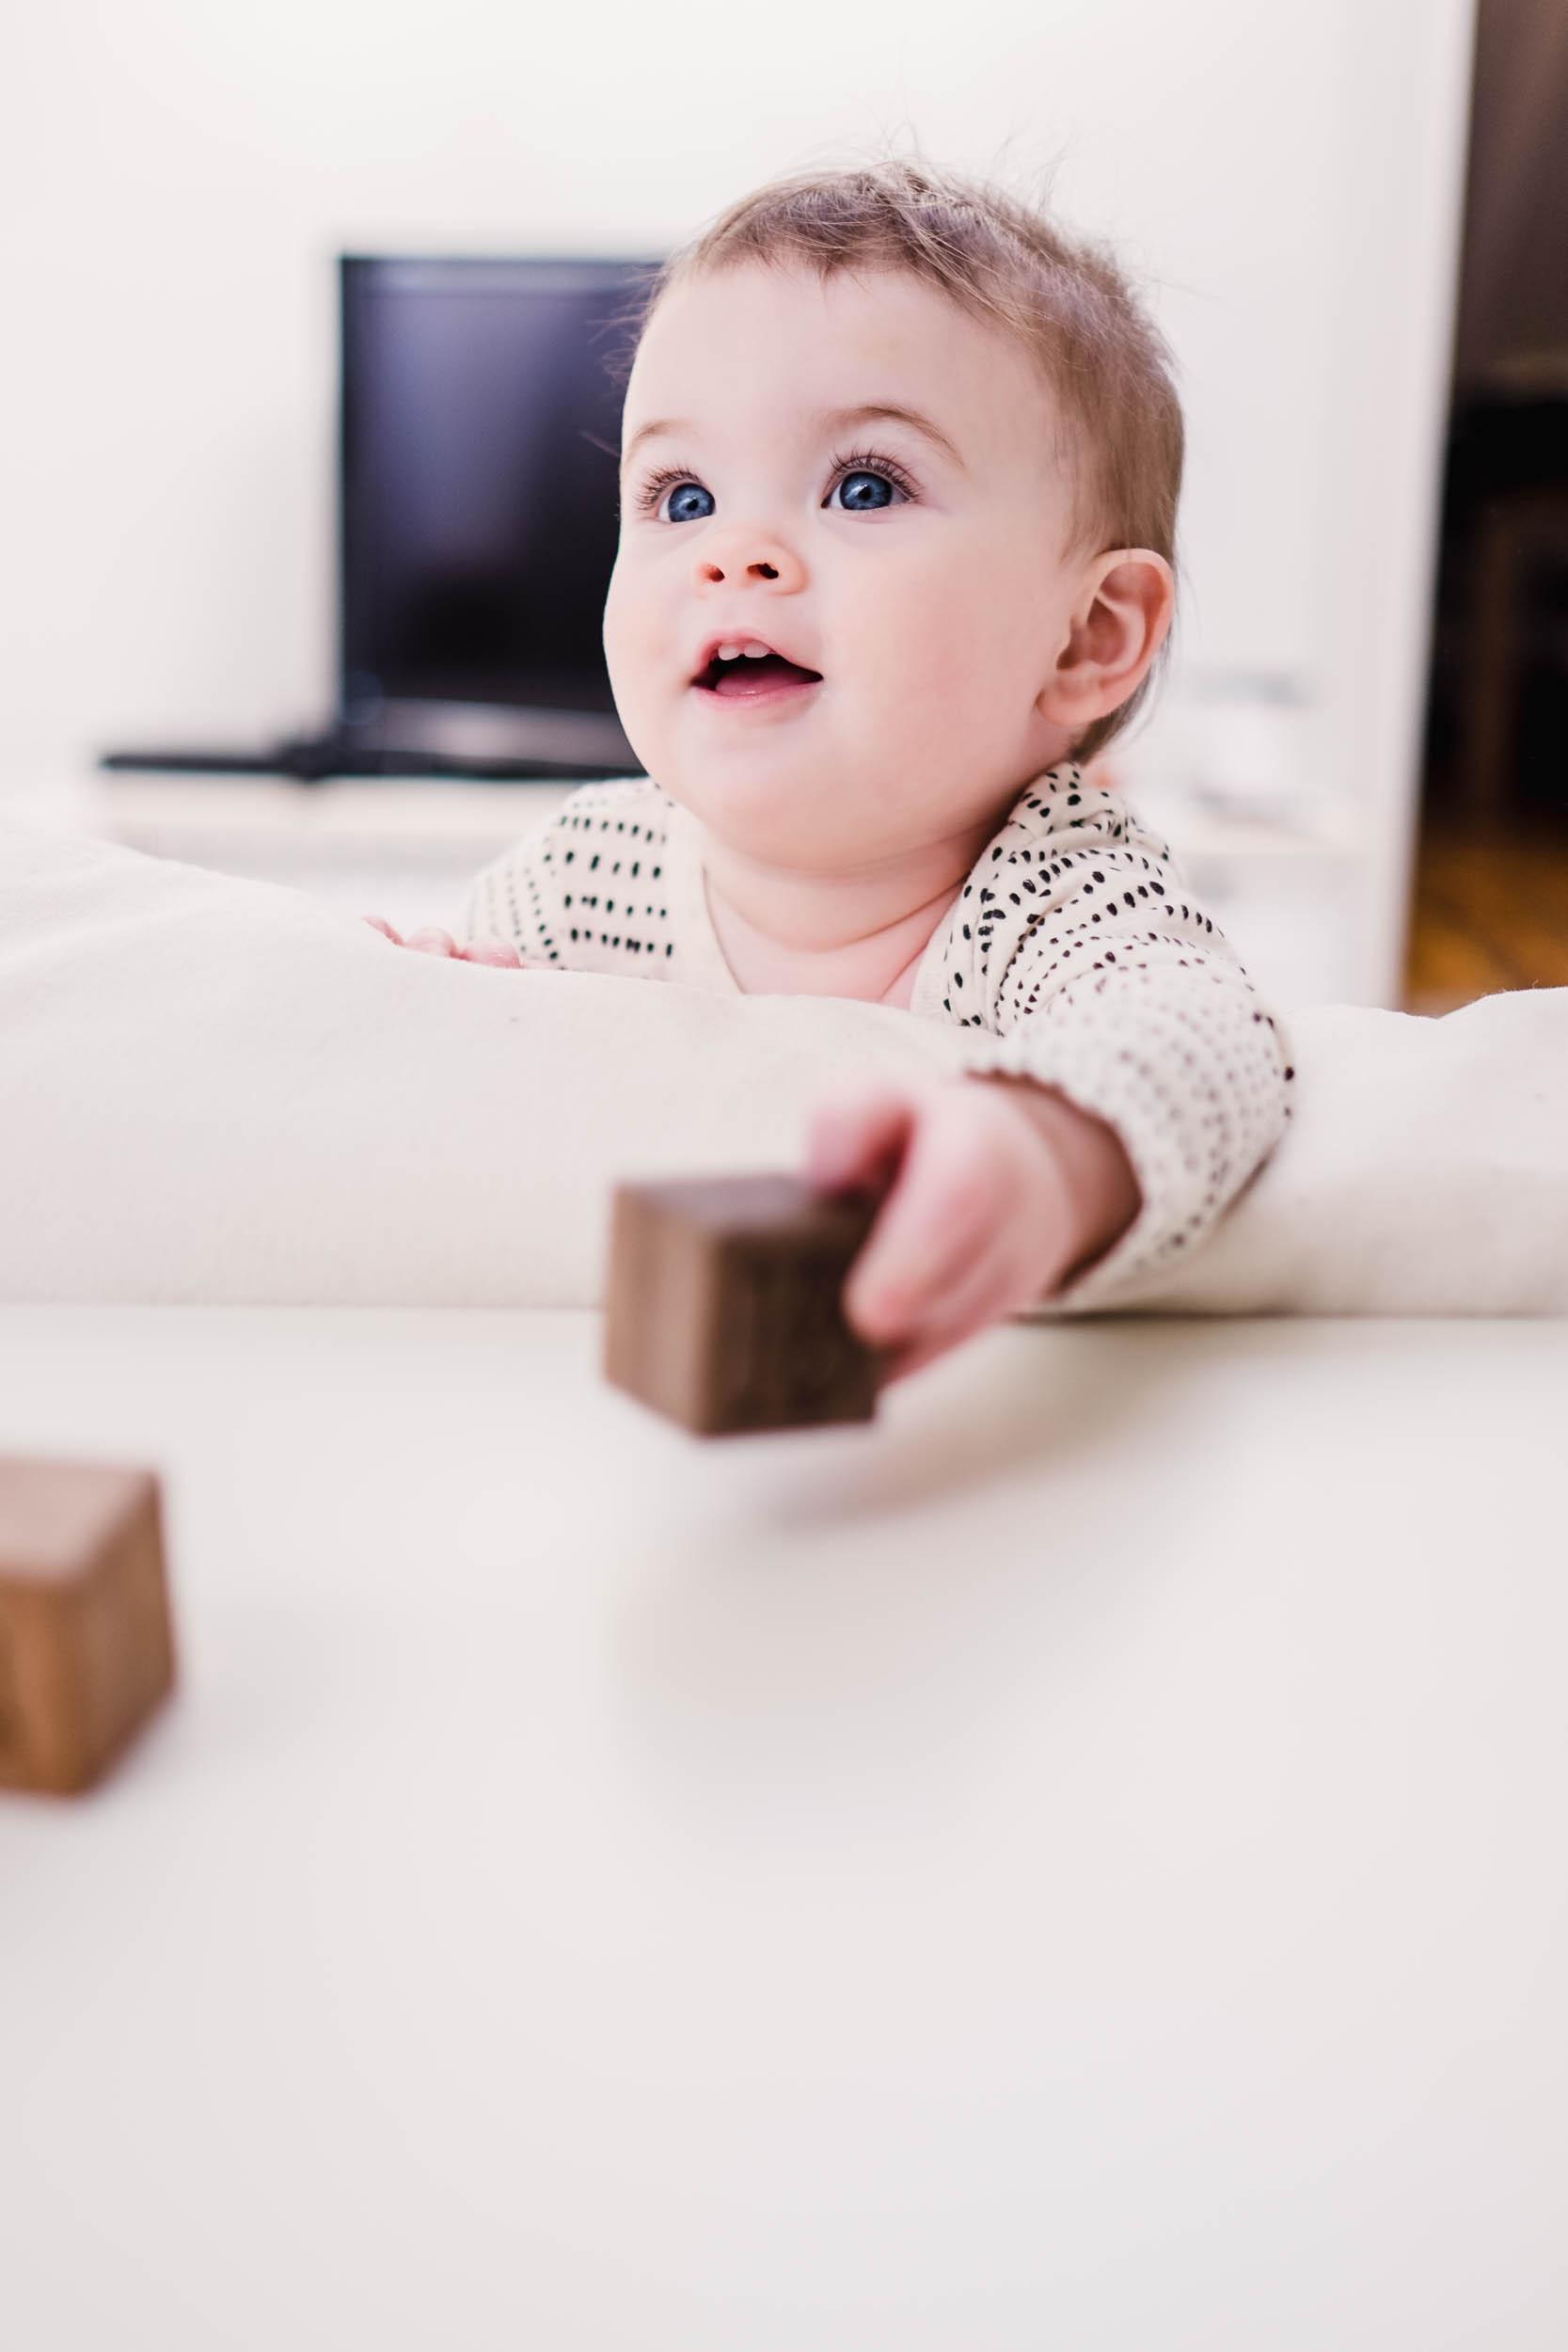 Kristen-Humbert-Family-Photoshoot-Philadelphia_Ruby-James-W-7168.jpg